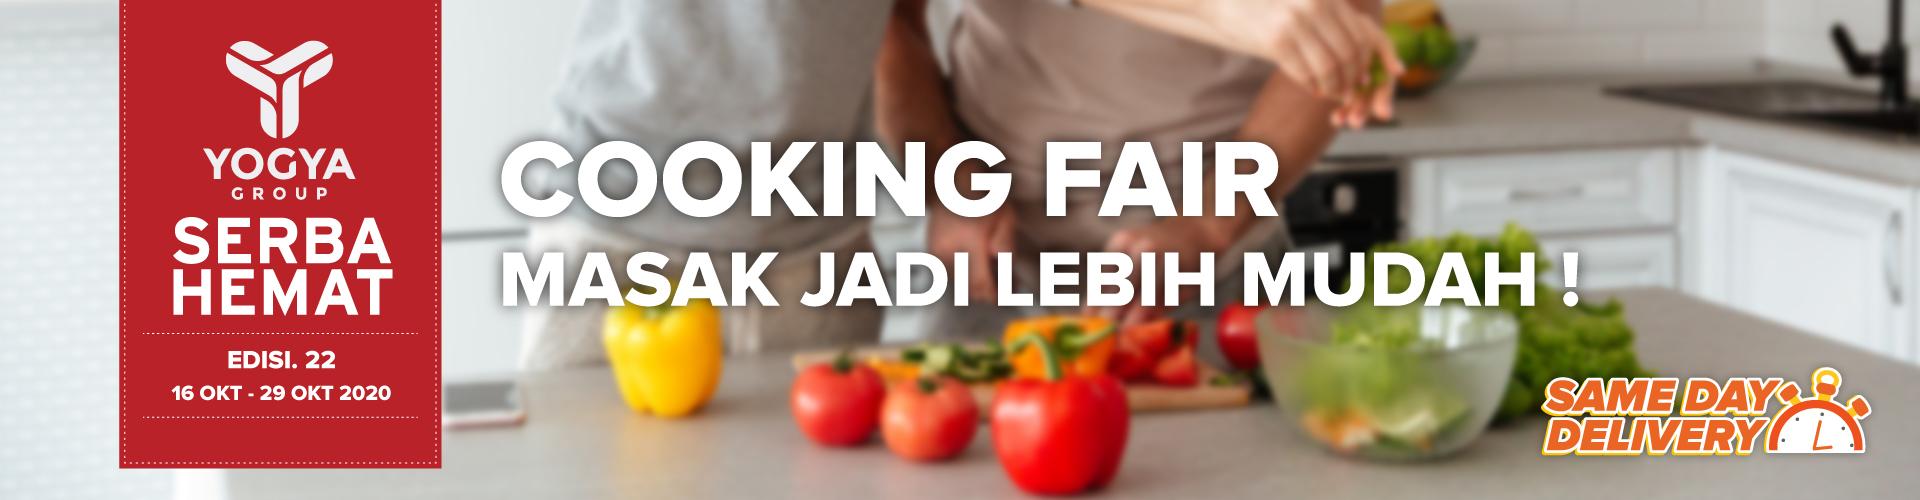 Cooking Fair